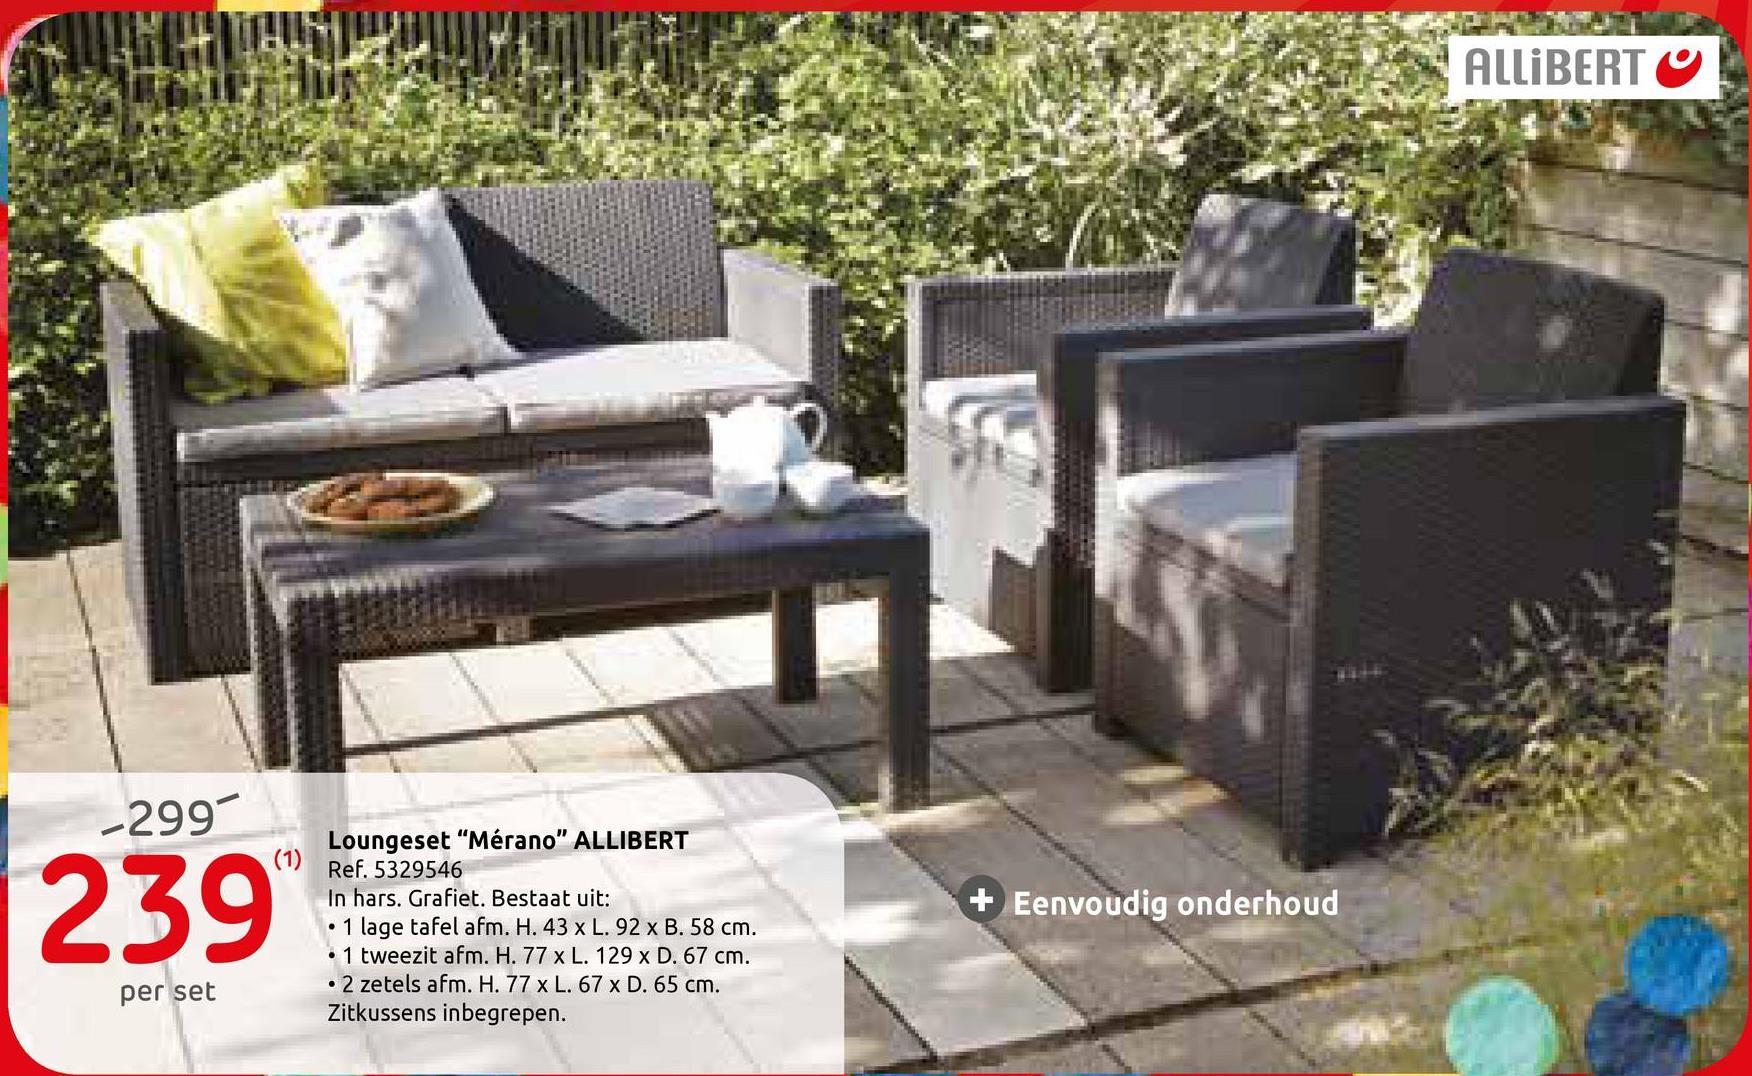 Allibert loungeset 'Merano' wicker grijs De loungeset 'Merano' van Allibert bestaat uit een laag tafeltje (92 x 58 x 43 cm), 2 eenpersoonszetels van (65 x 67 x 77 cm) en een tweezitsbank (67 x 129 x 77 cm). De grijze zitkussens in polyester zijn inbegrepen, de decoratieve kussens niet. De moderne loungeset is vervaardigd uit hoogwaardig kunststof, is weerbestendig en vereist geen specifiek onderhoud.